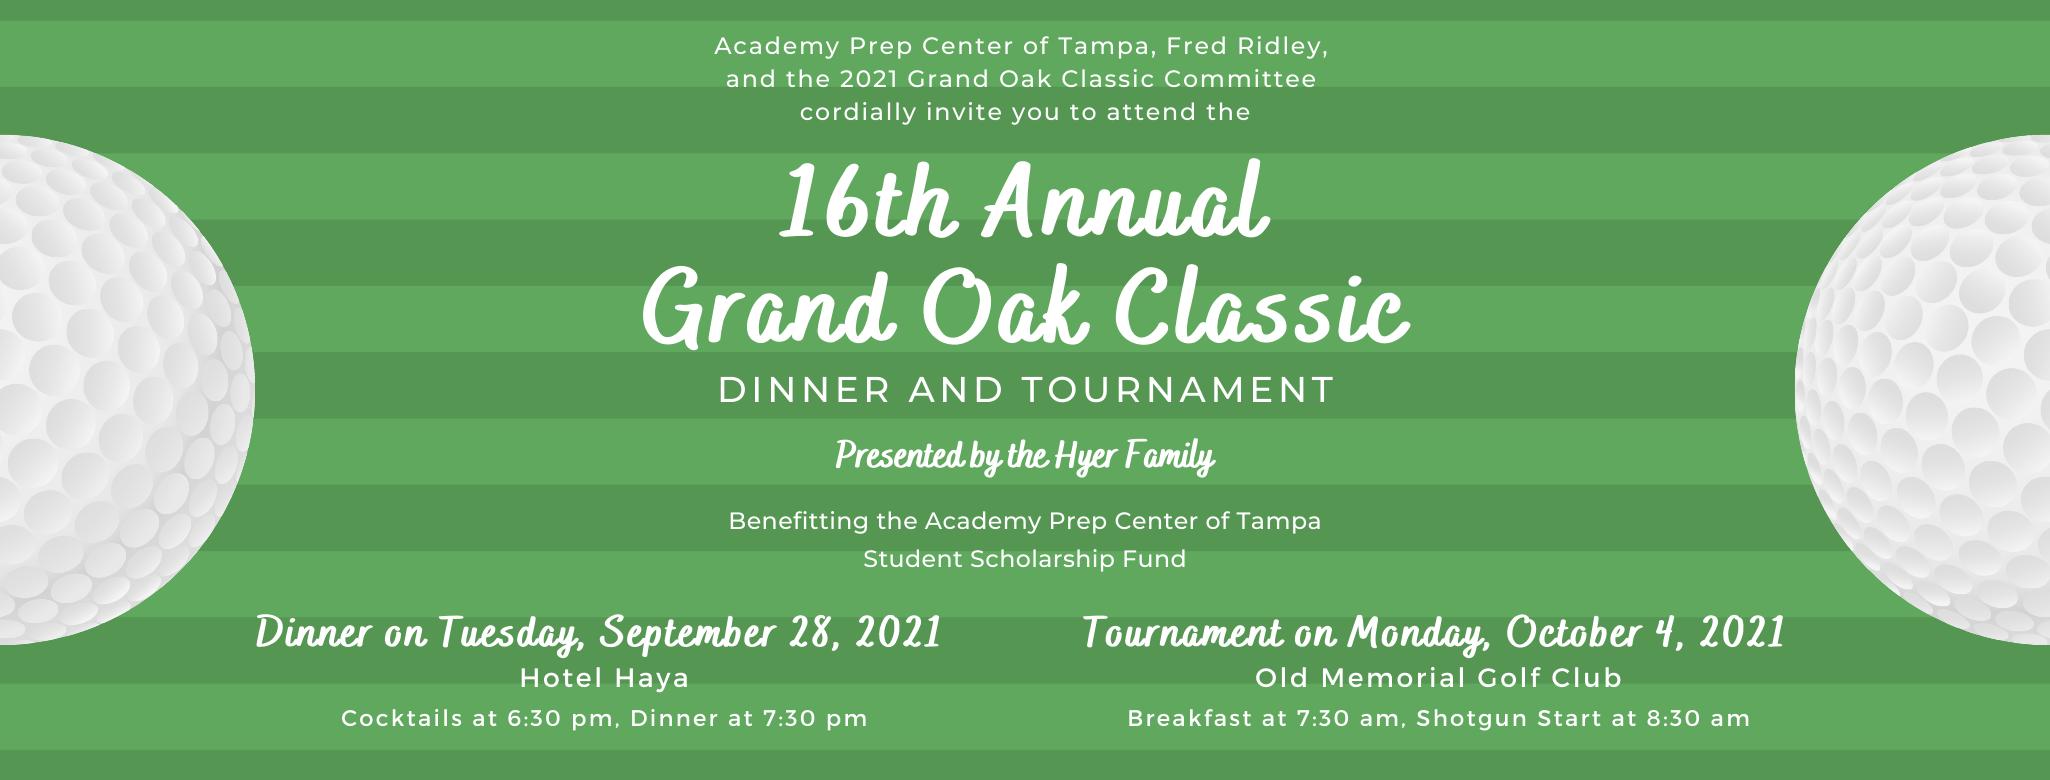 Grand Oak Classic You're Invited